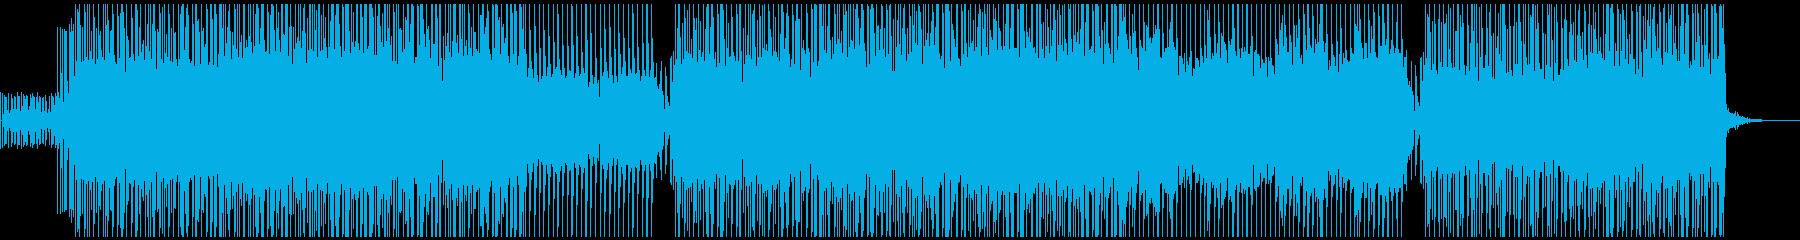 【アラビア風テクノ】軽快な中東テクノ2の再生済みの波形